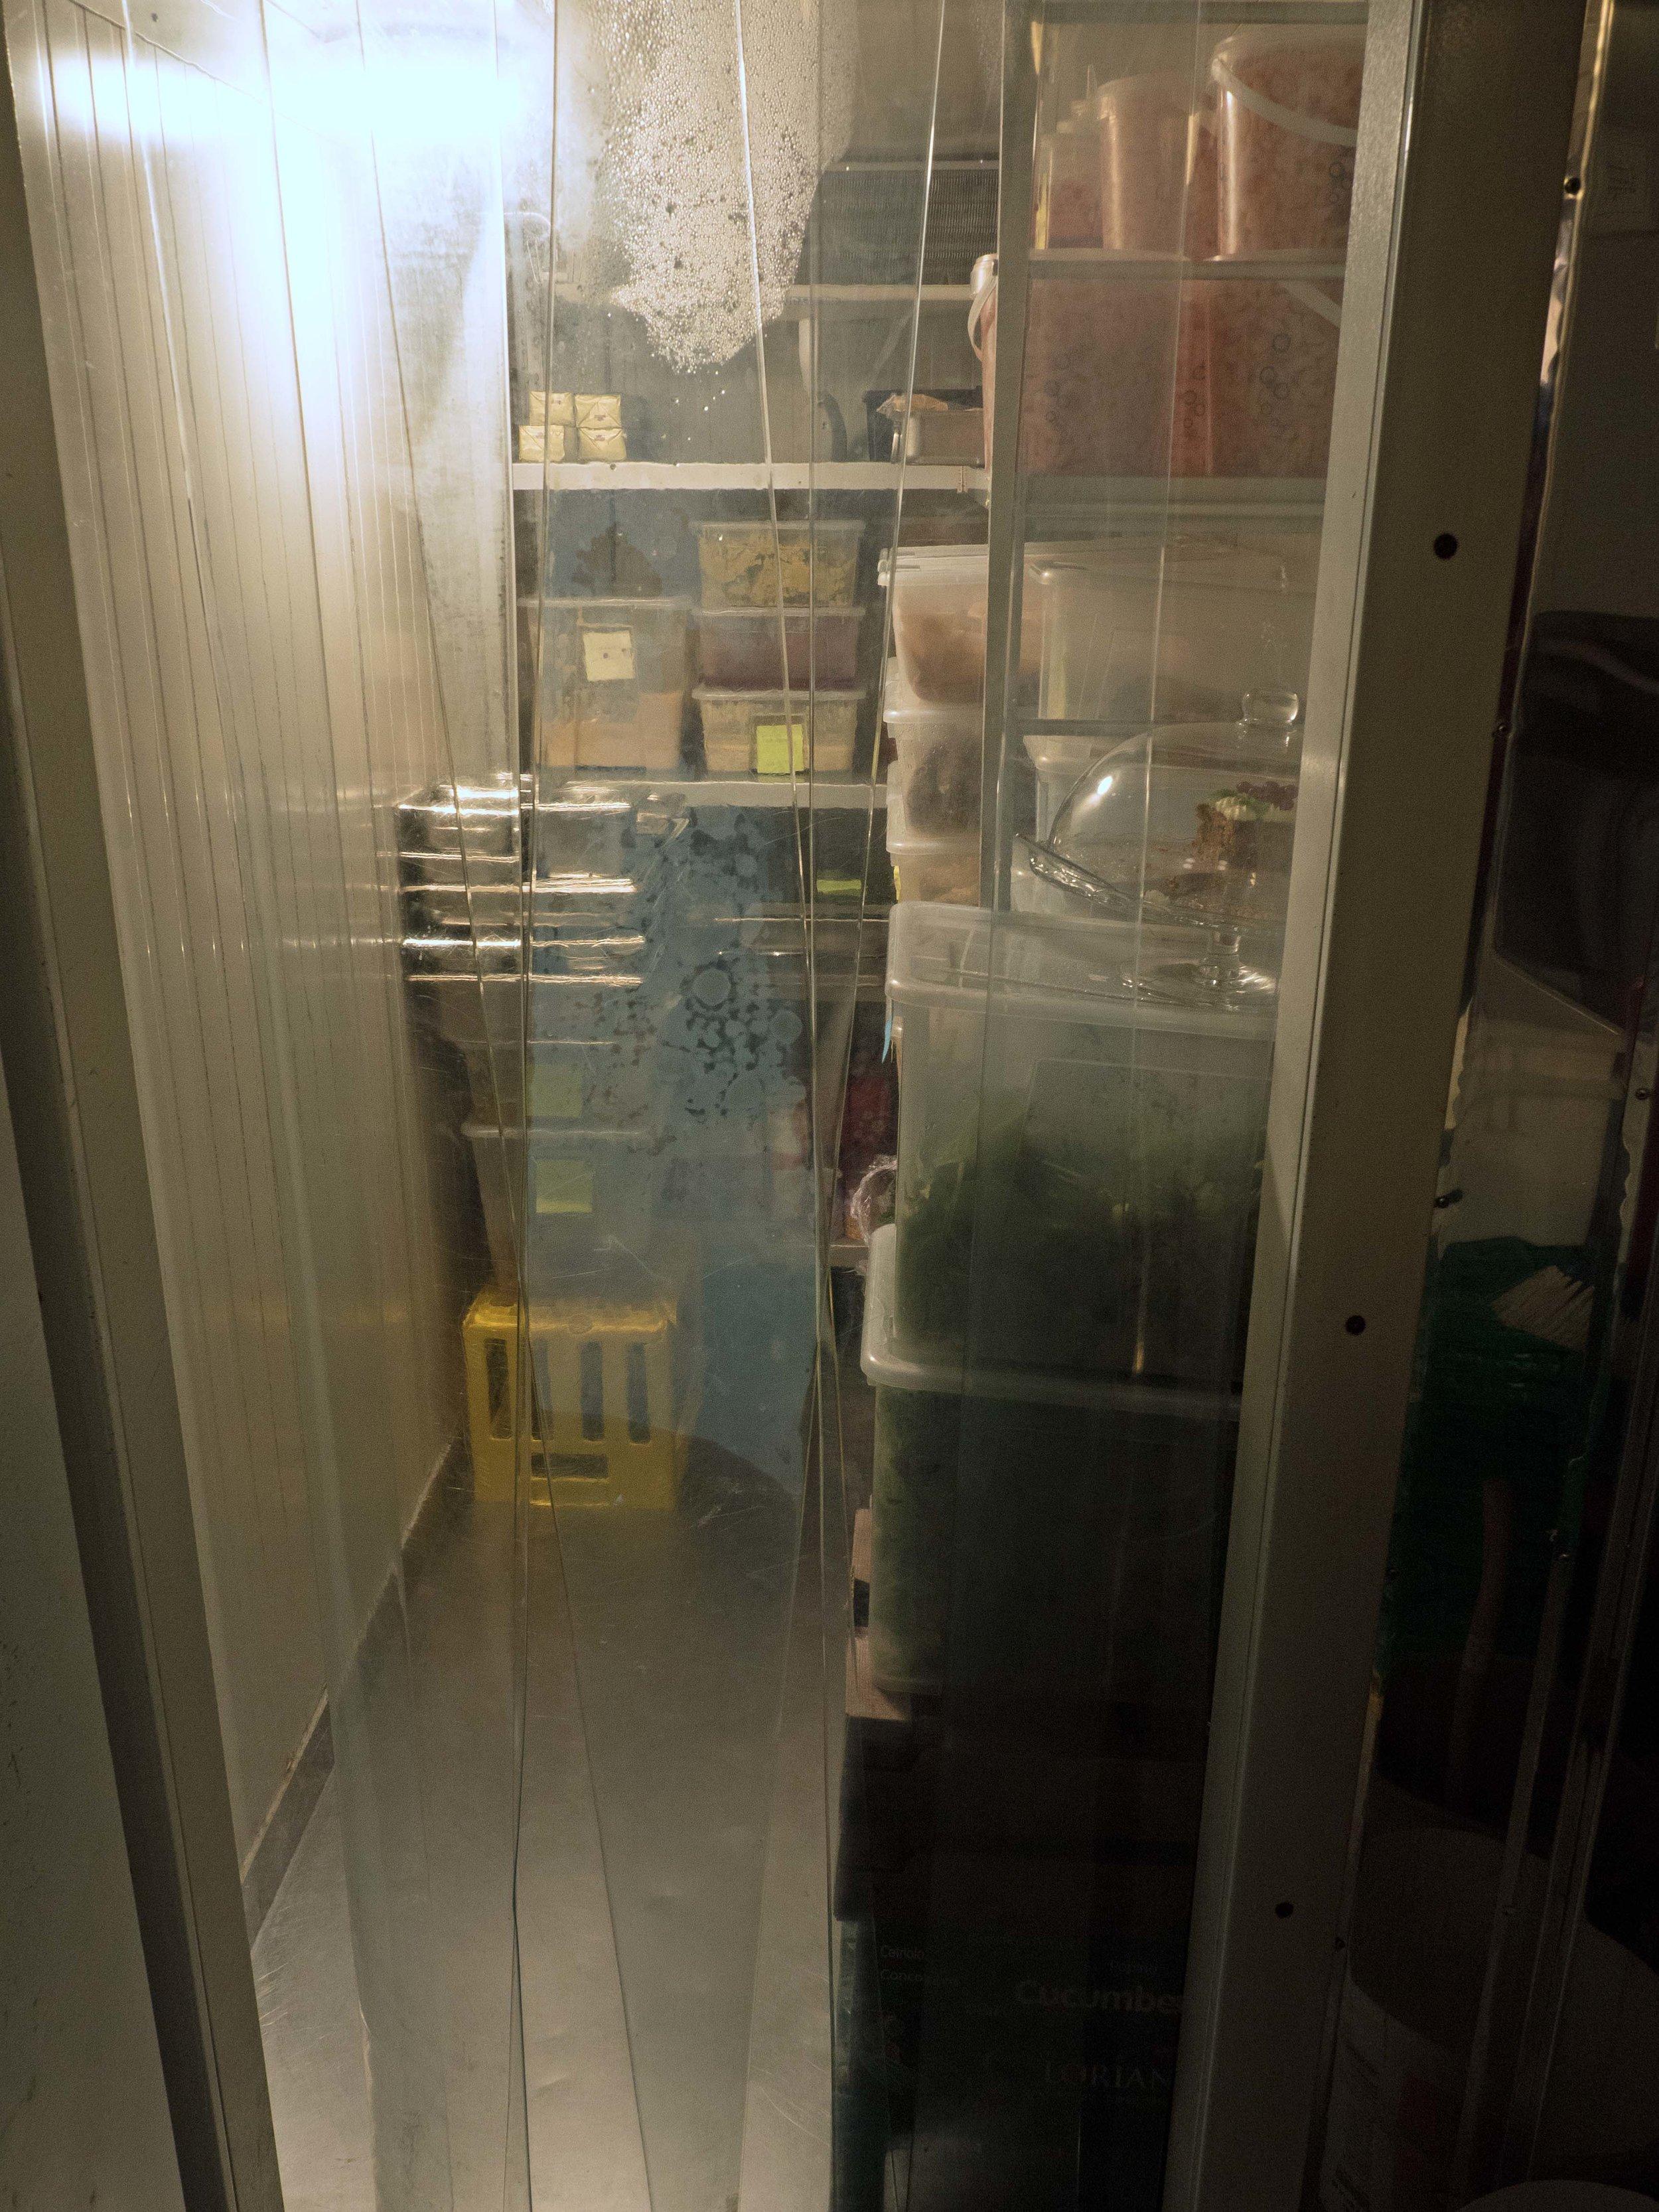 Kjølelageret måler 0,7 kvadratmeter, så her blir ikke varene liggende lenge.